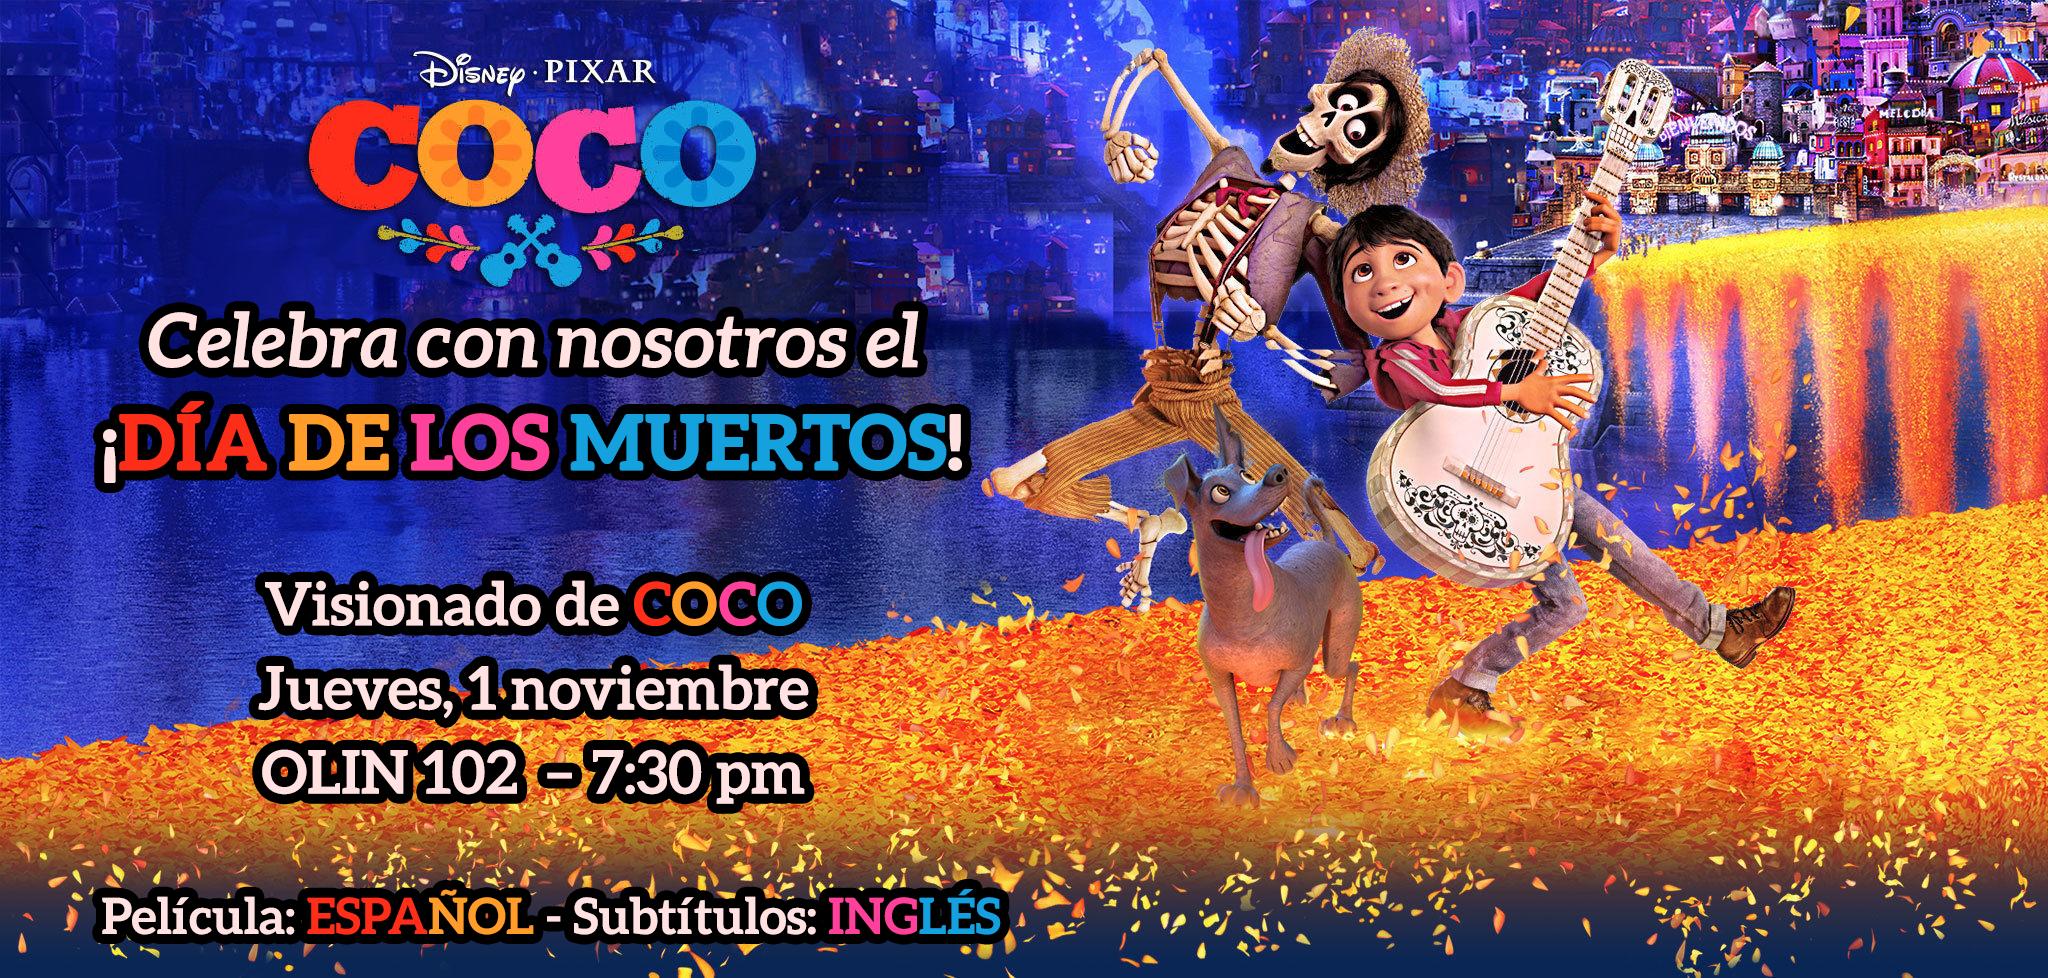 [Screening of Cocoto CelebrateEl Día de los Muertos]